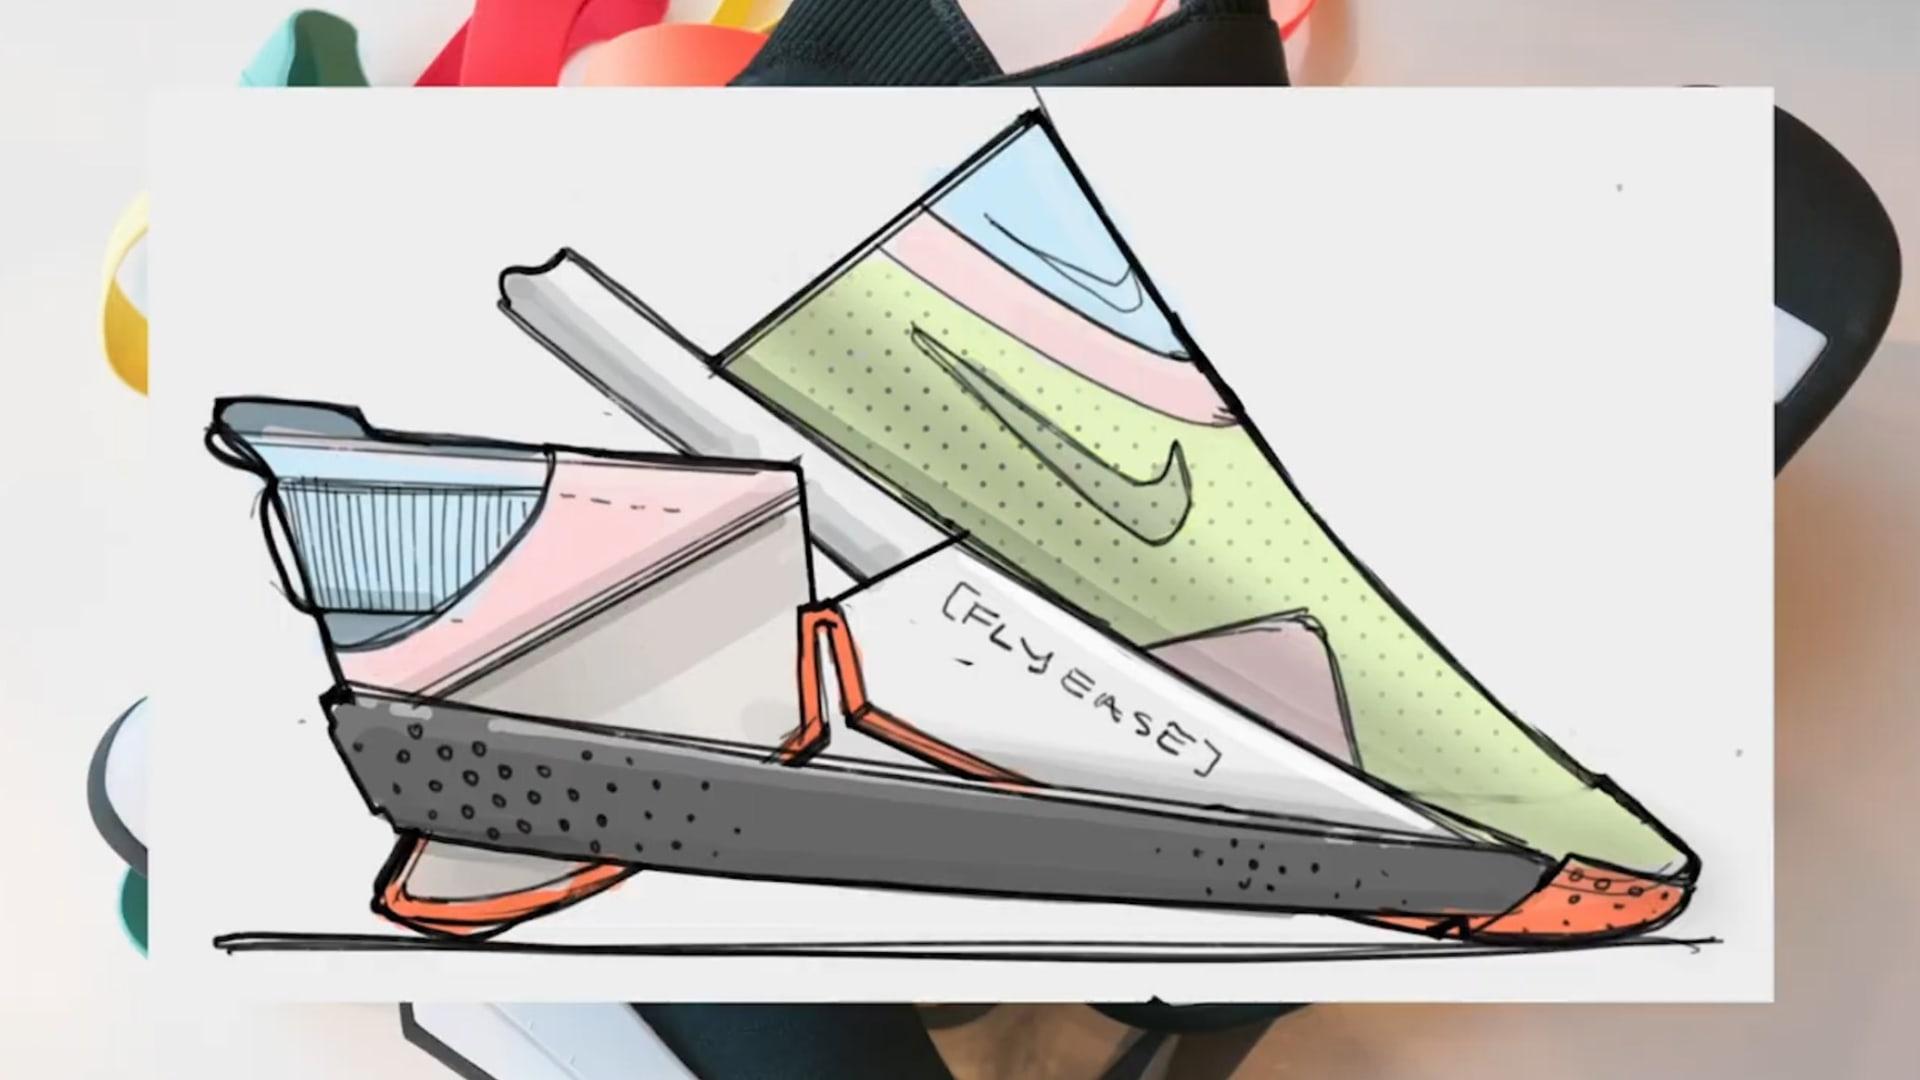 """شاهد ابتكار شركة """"نايكي"""" لحذائها الرياضي الجديد """"بدون استخدام اليدين"""""""